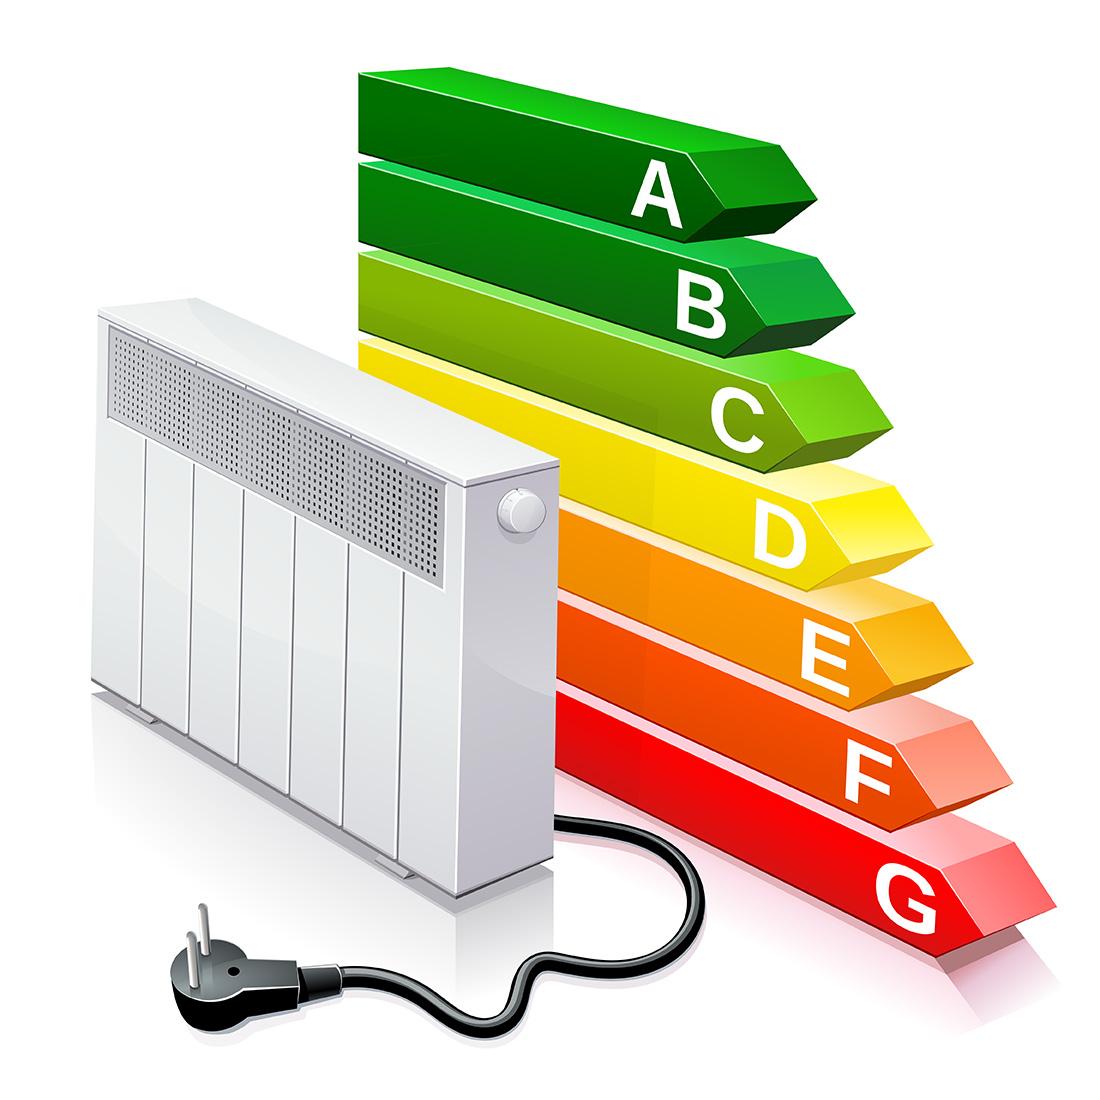 Est-ce possible de concilier chauffage électrique et basse consommation